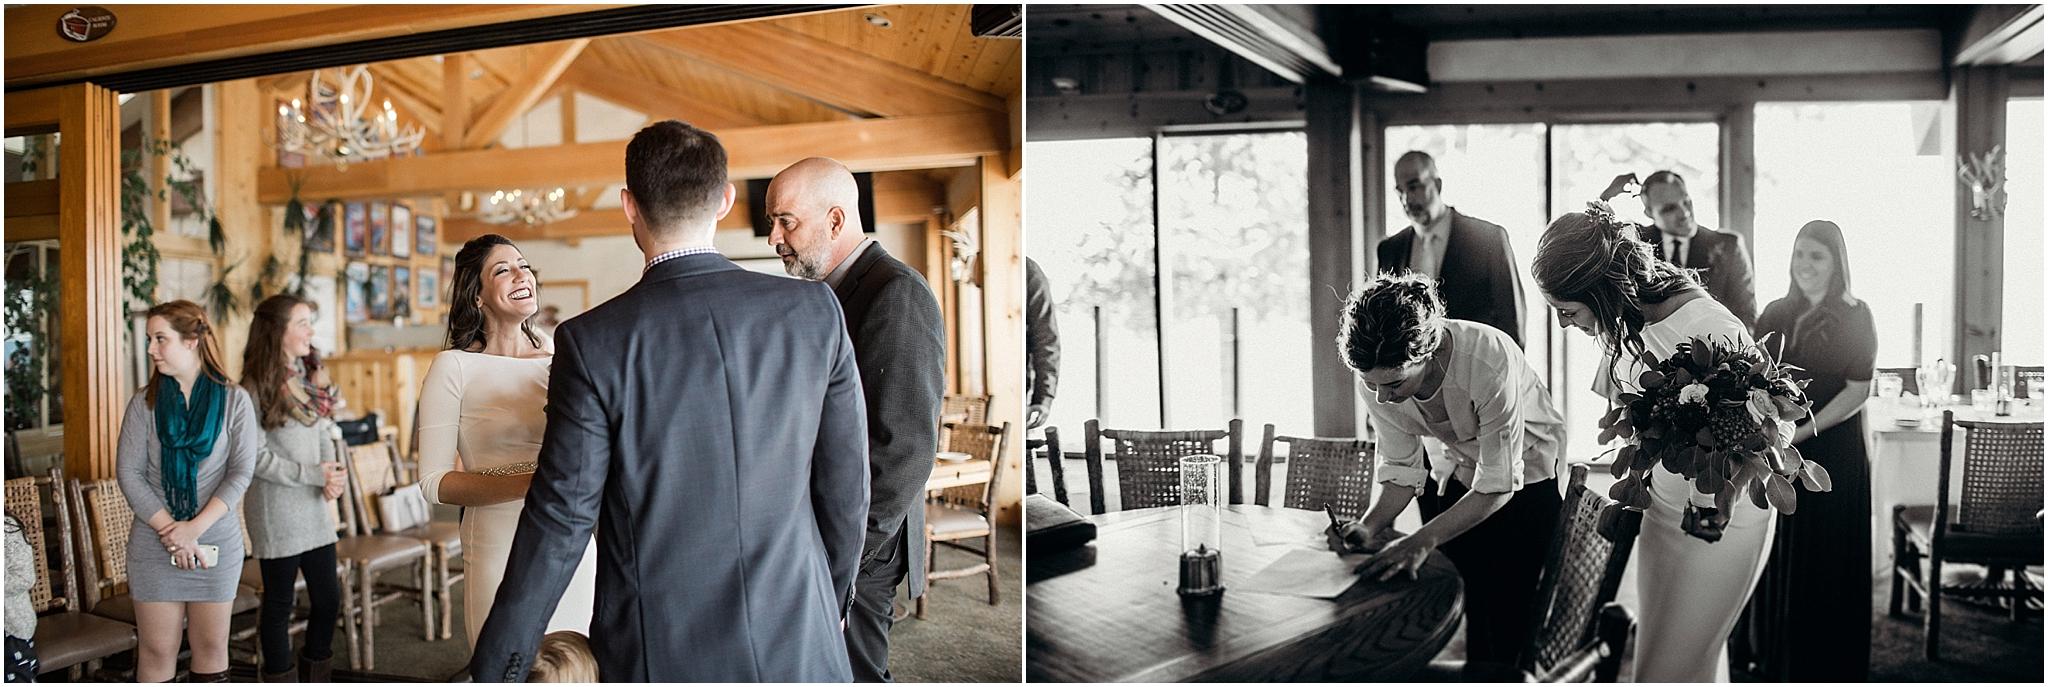 lake tahoe winter elopement - garwoods lake tahoe - garwoods wedding - lake tahoe wedding photographer4.jpg